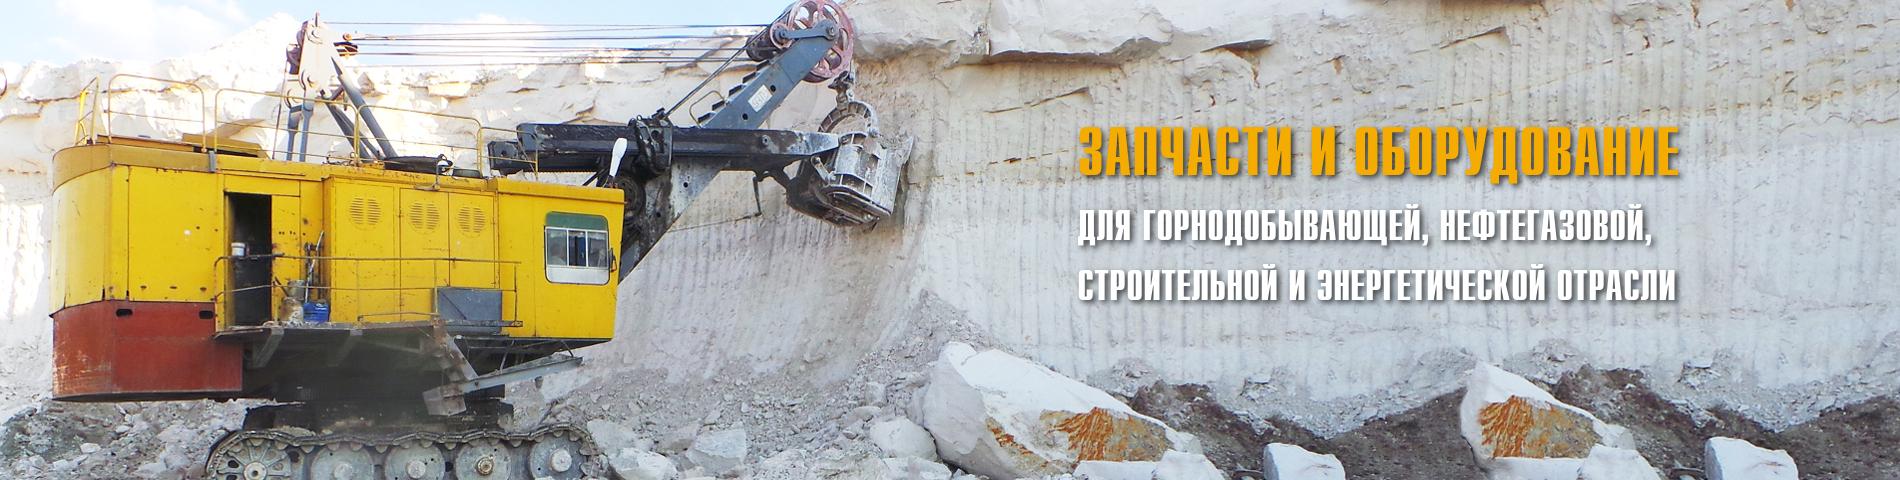 Запчасти и оборудование для горнодобывающей, нефтегазовой, строительной и энергетической отрасли - ООО ТД РЕГИОНКОМПЛЕКТ